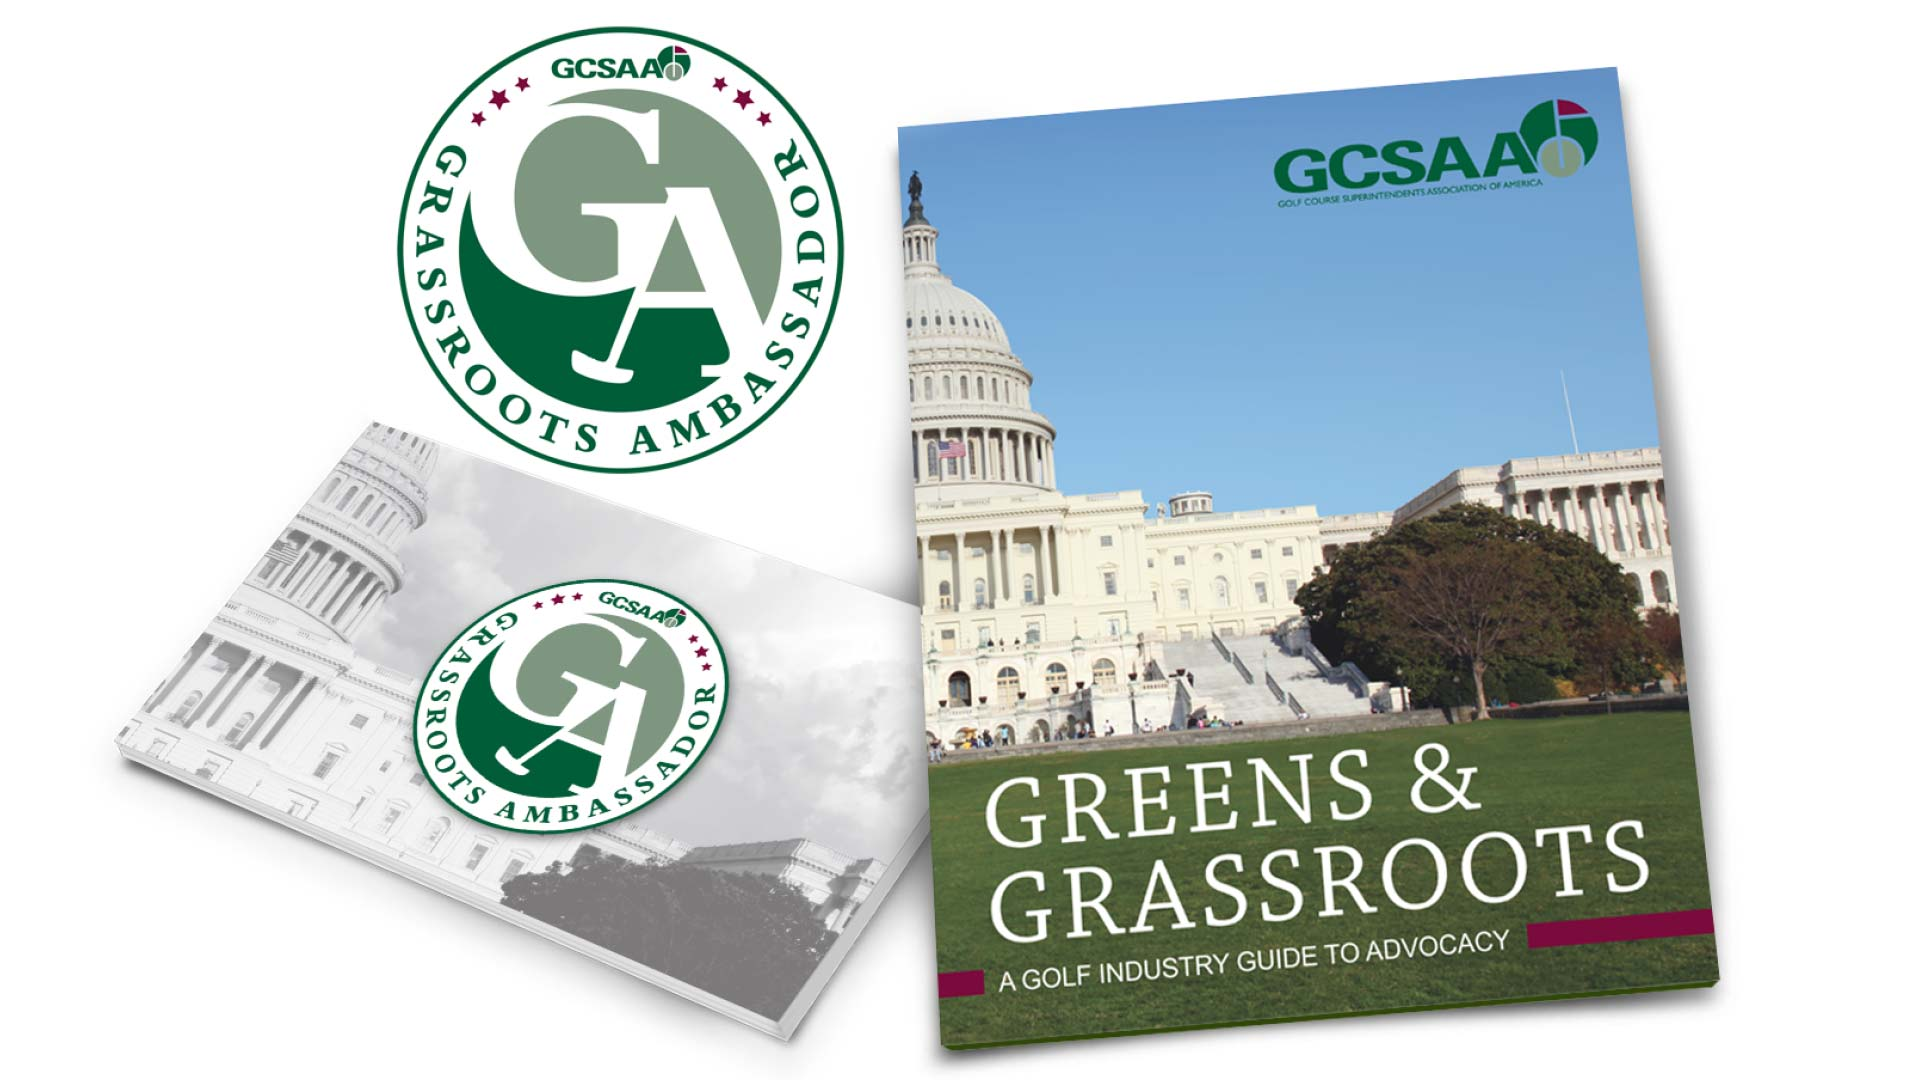 GCSAA - Grassroots Ambassador - Legislation